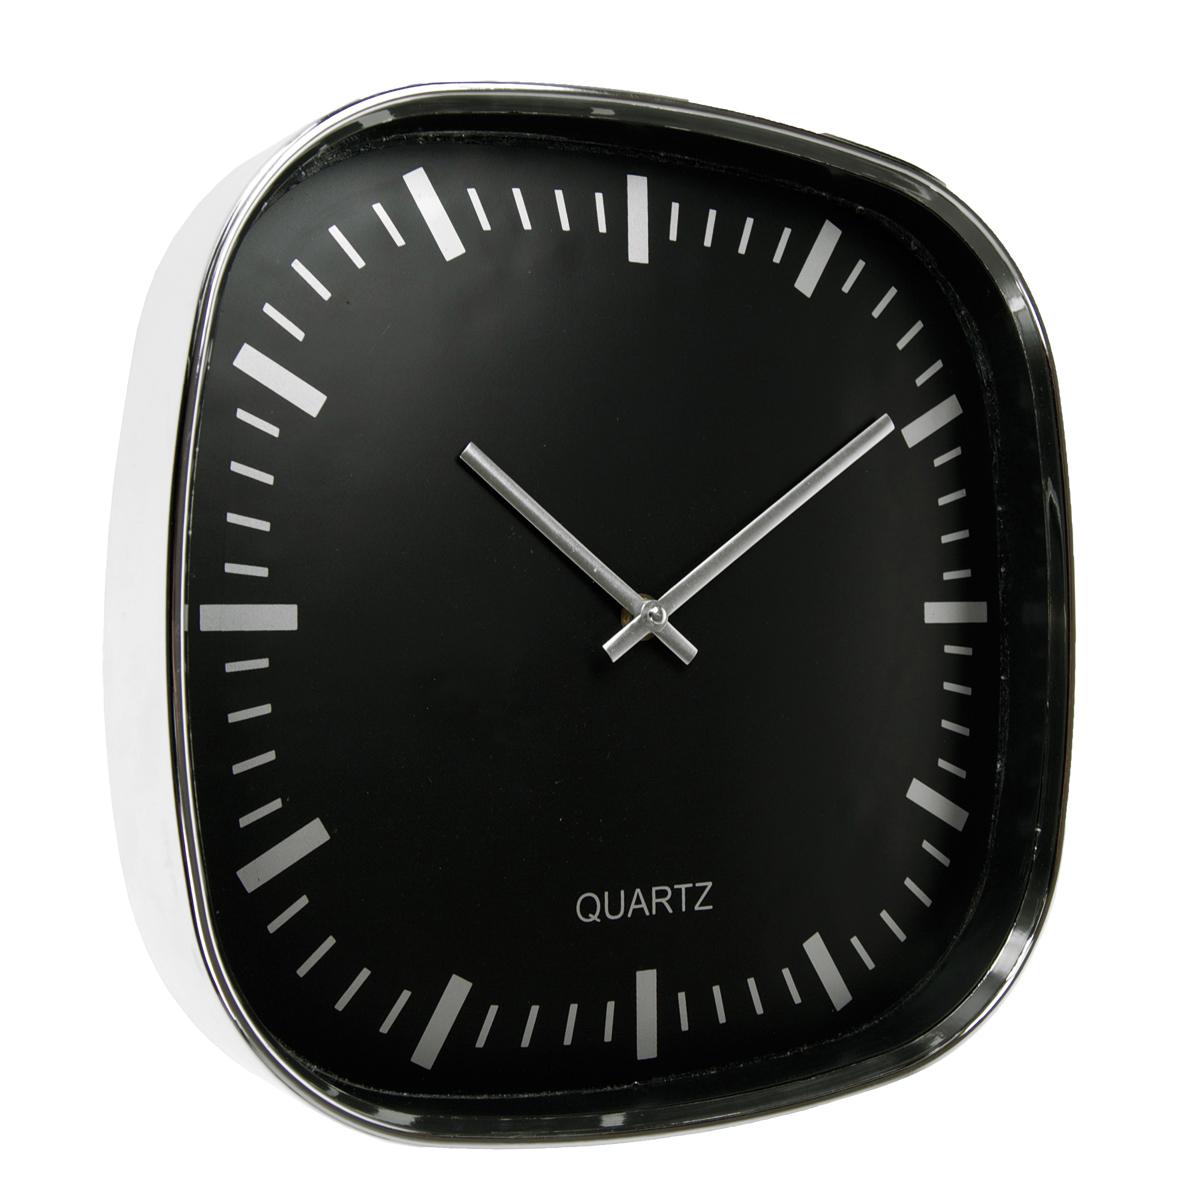 Plastic Wall Clock 30 - hmi36030-01 (Black)